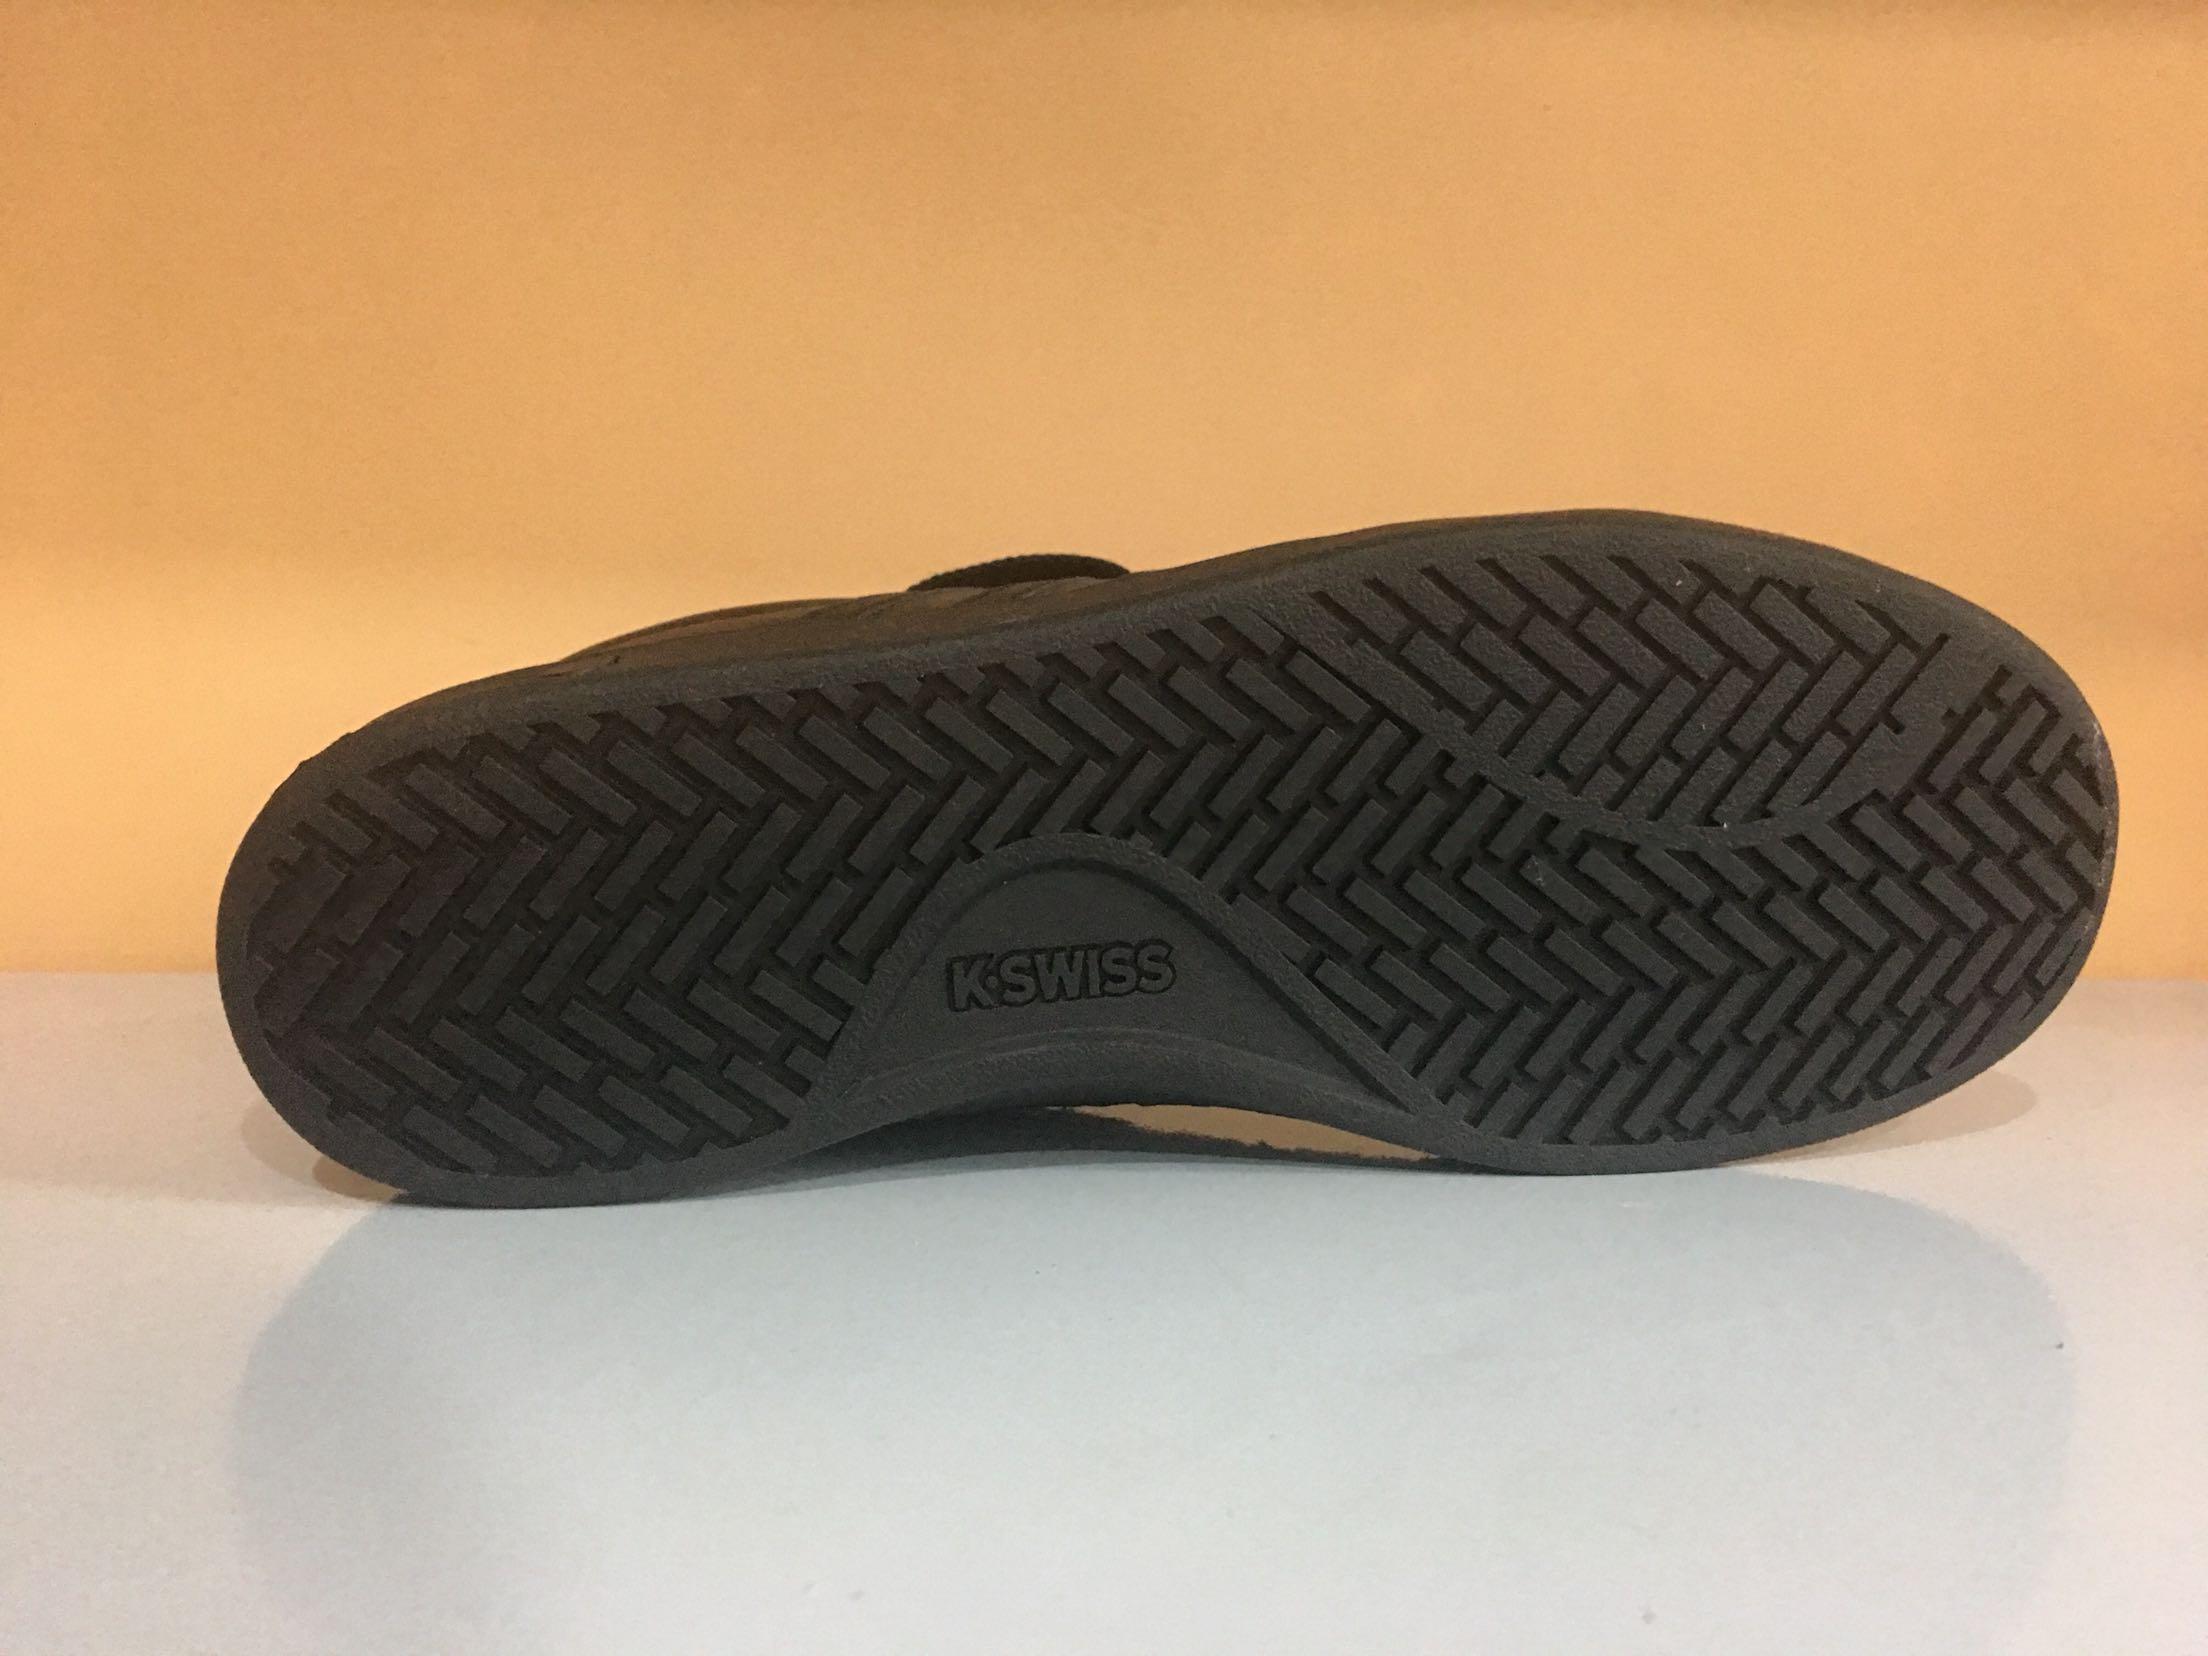 50 47 46 44 43 威透气时尚耐磨休闲鞋全牛皮板鞋 s 正品海外版盖